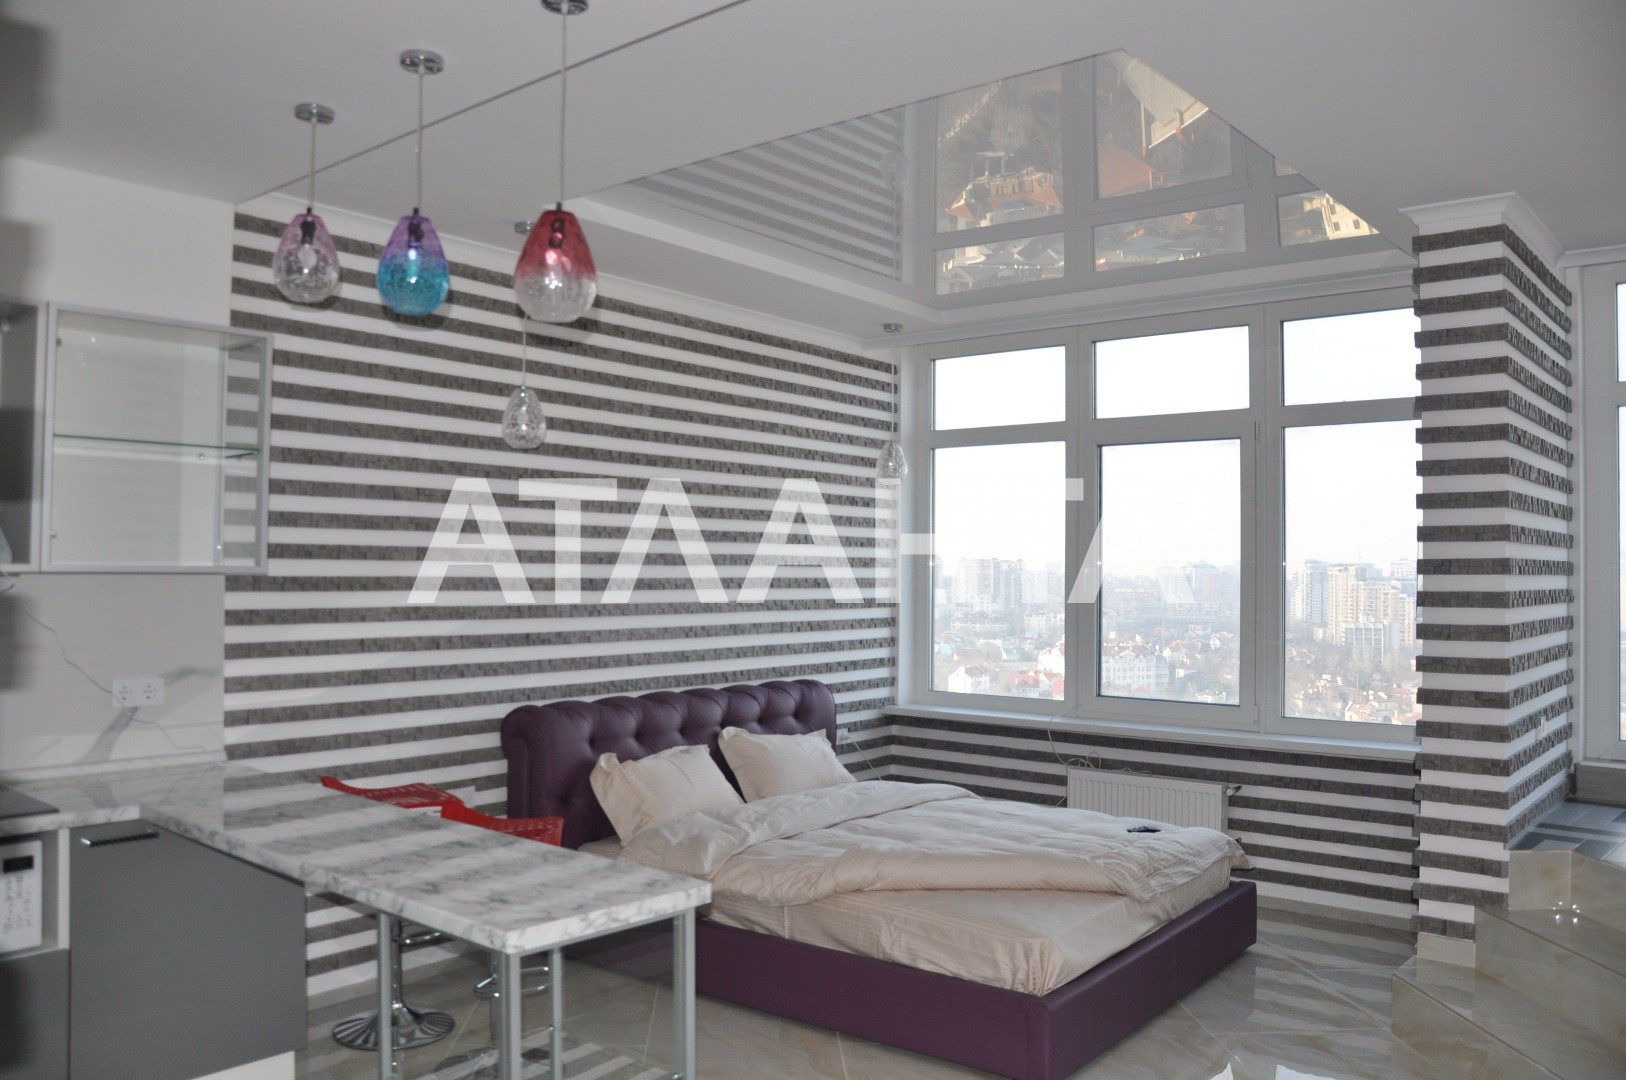 Продается 1-комнатная Квартира на ул. Каманина — 76 000 у.е. (фото №5)